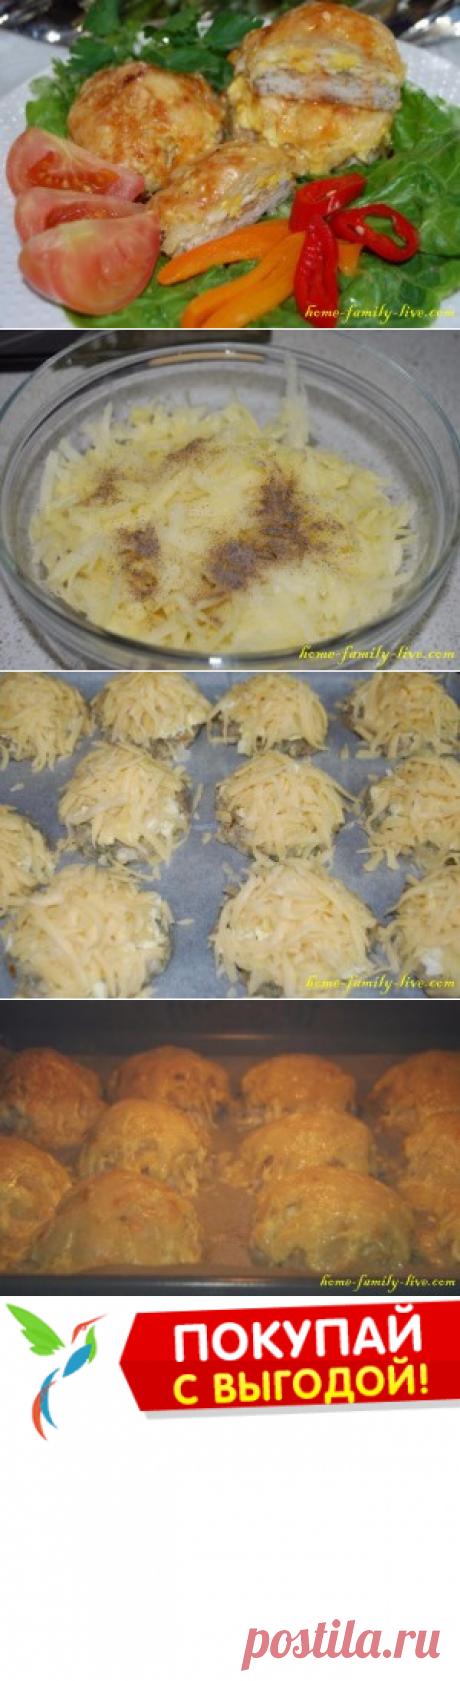 Стожки/Сайт с пошаговыми рецептами с фото для тех кто любит готовить